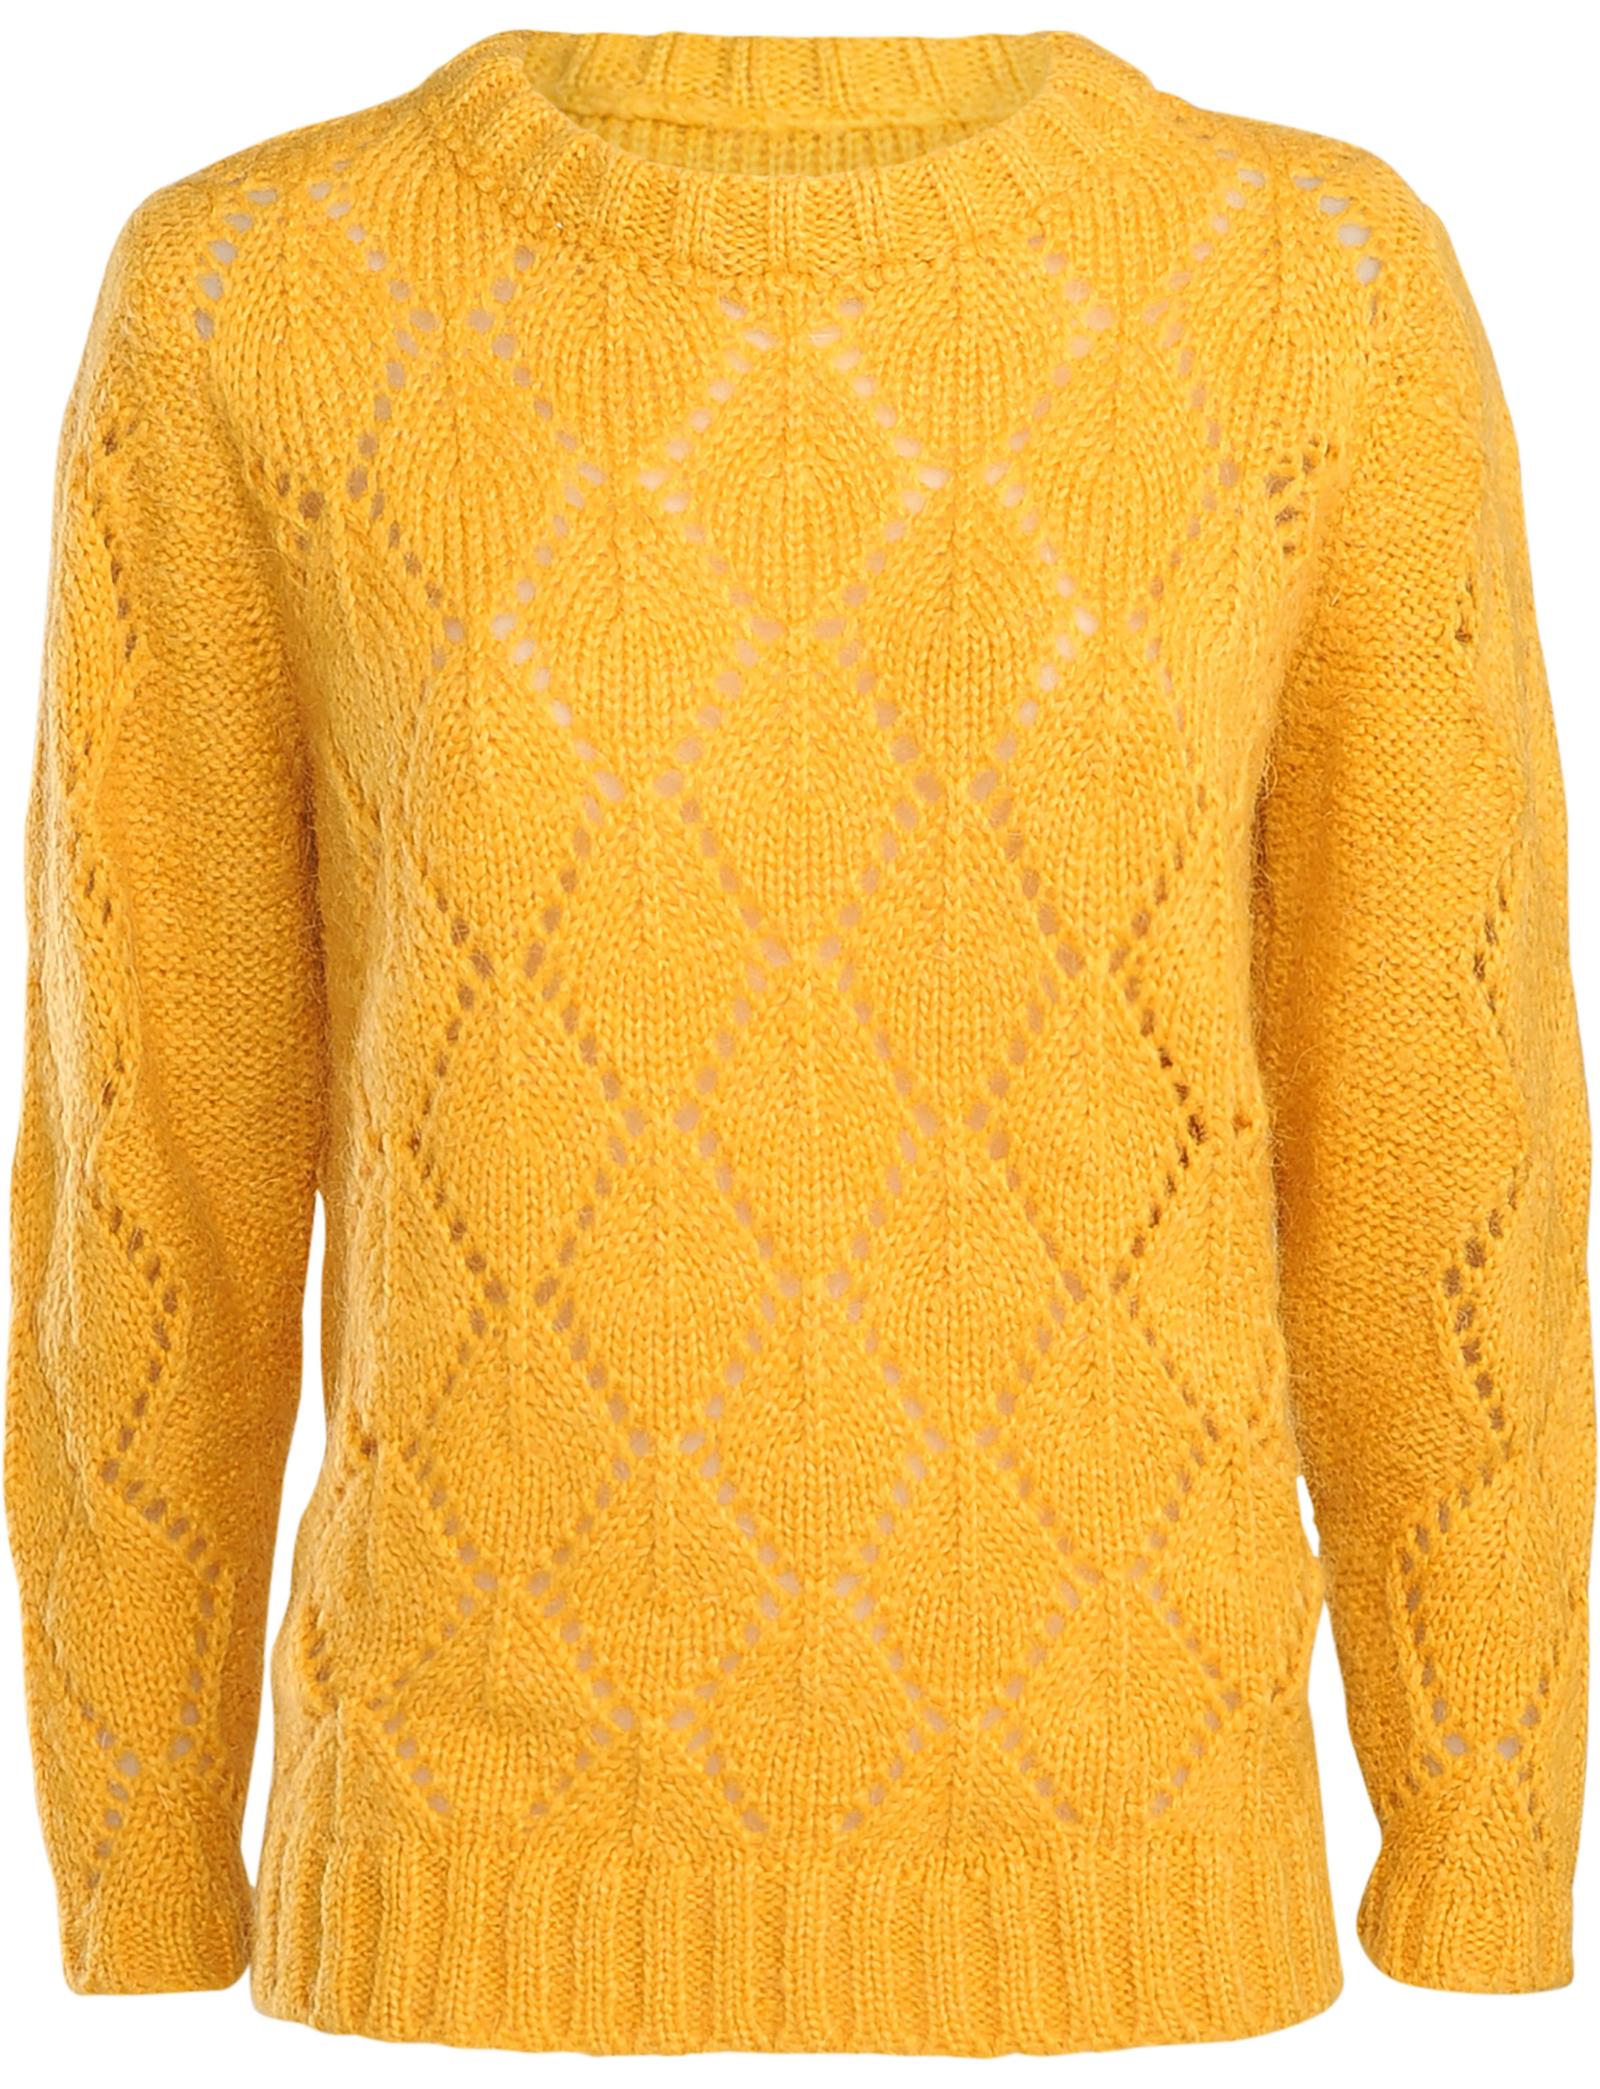 Mosterd gele dames trui met ronde hals - 7S5436-7726